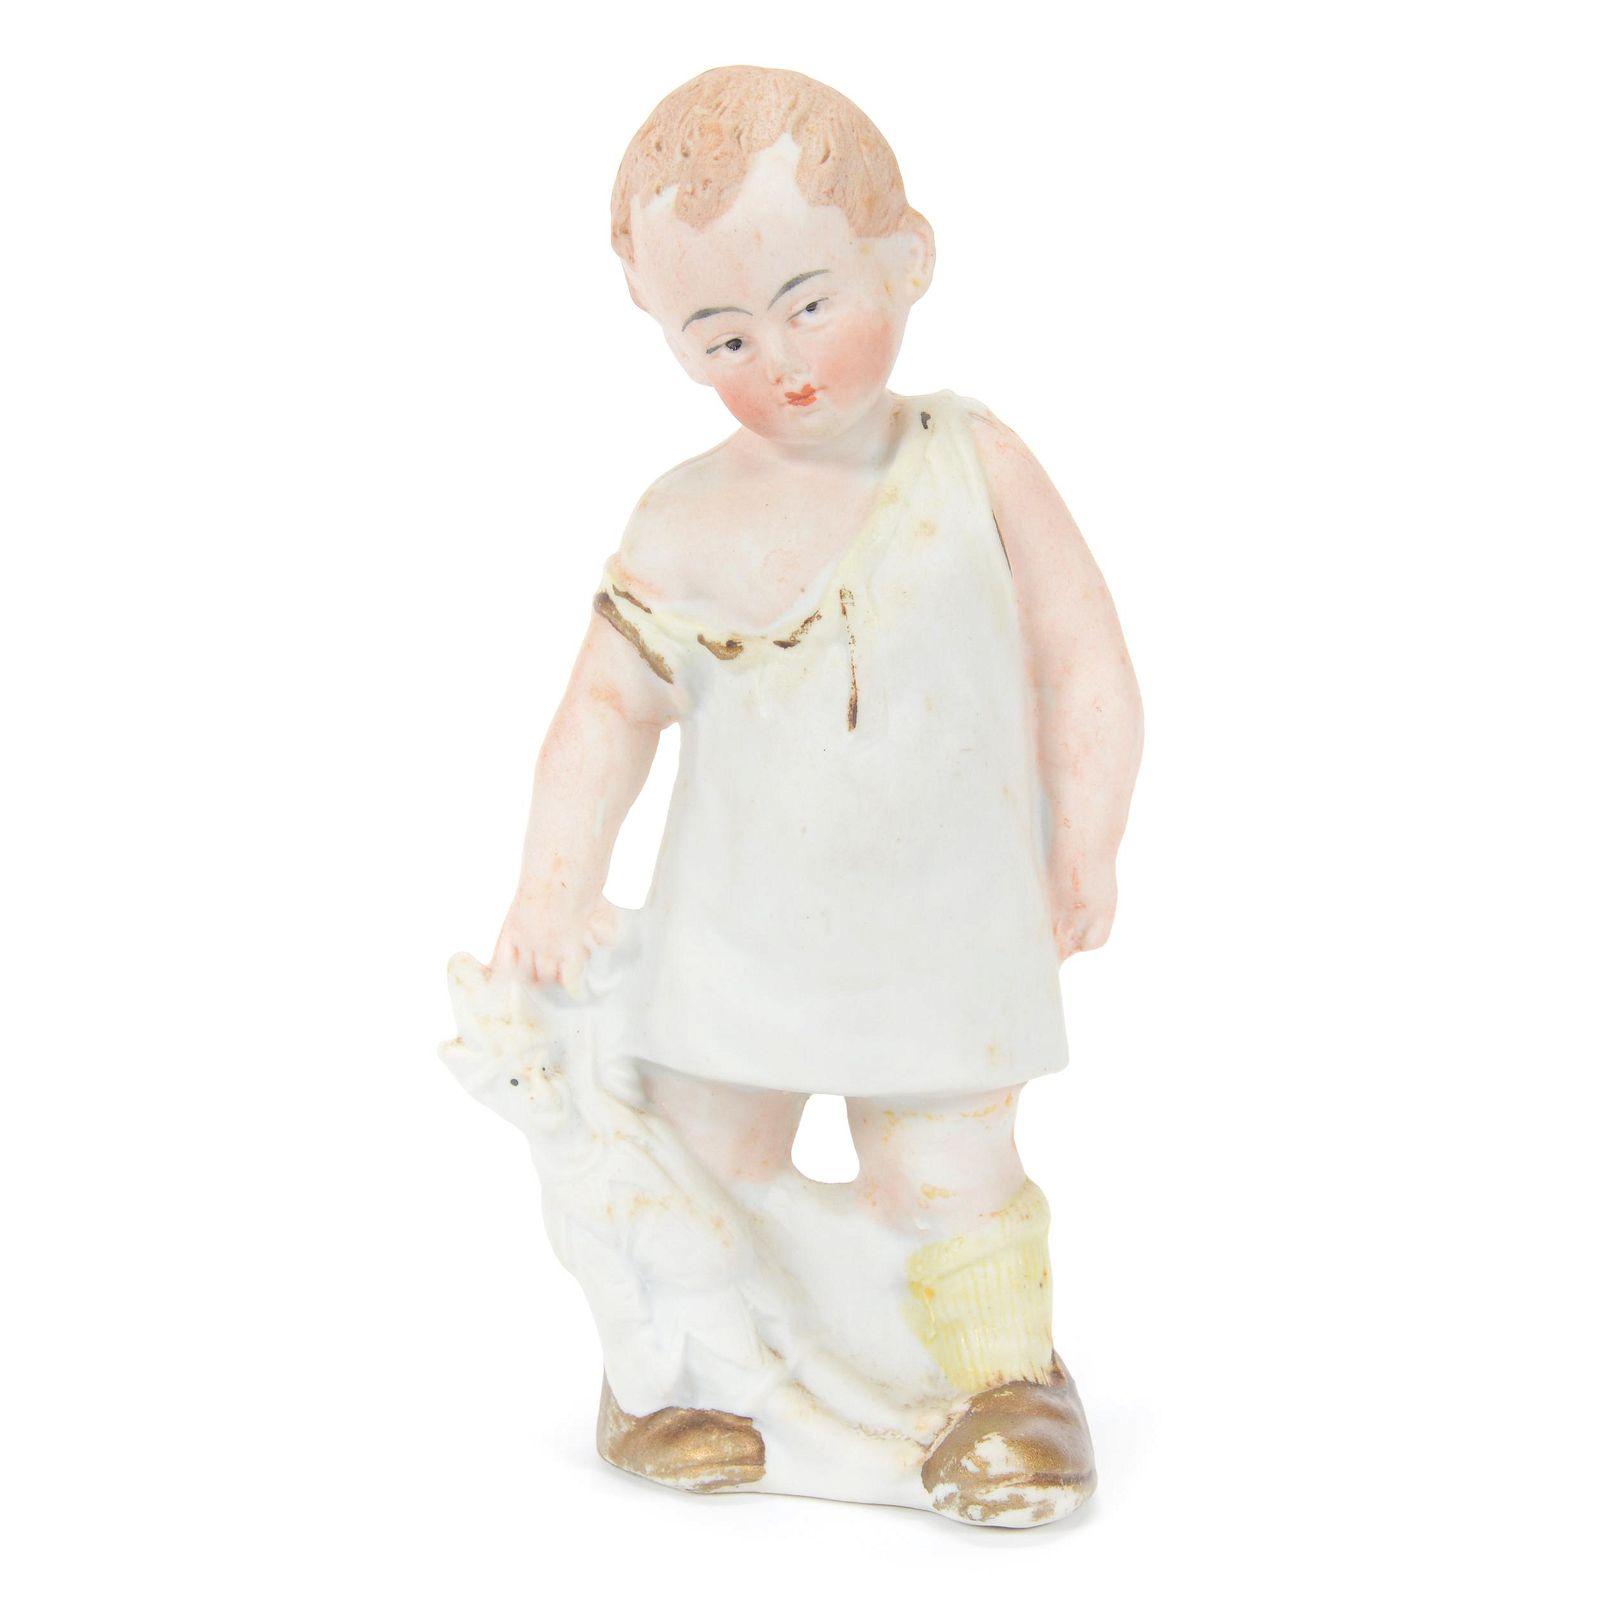 Figurine, Unmarked German Bisque